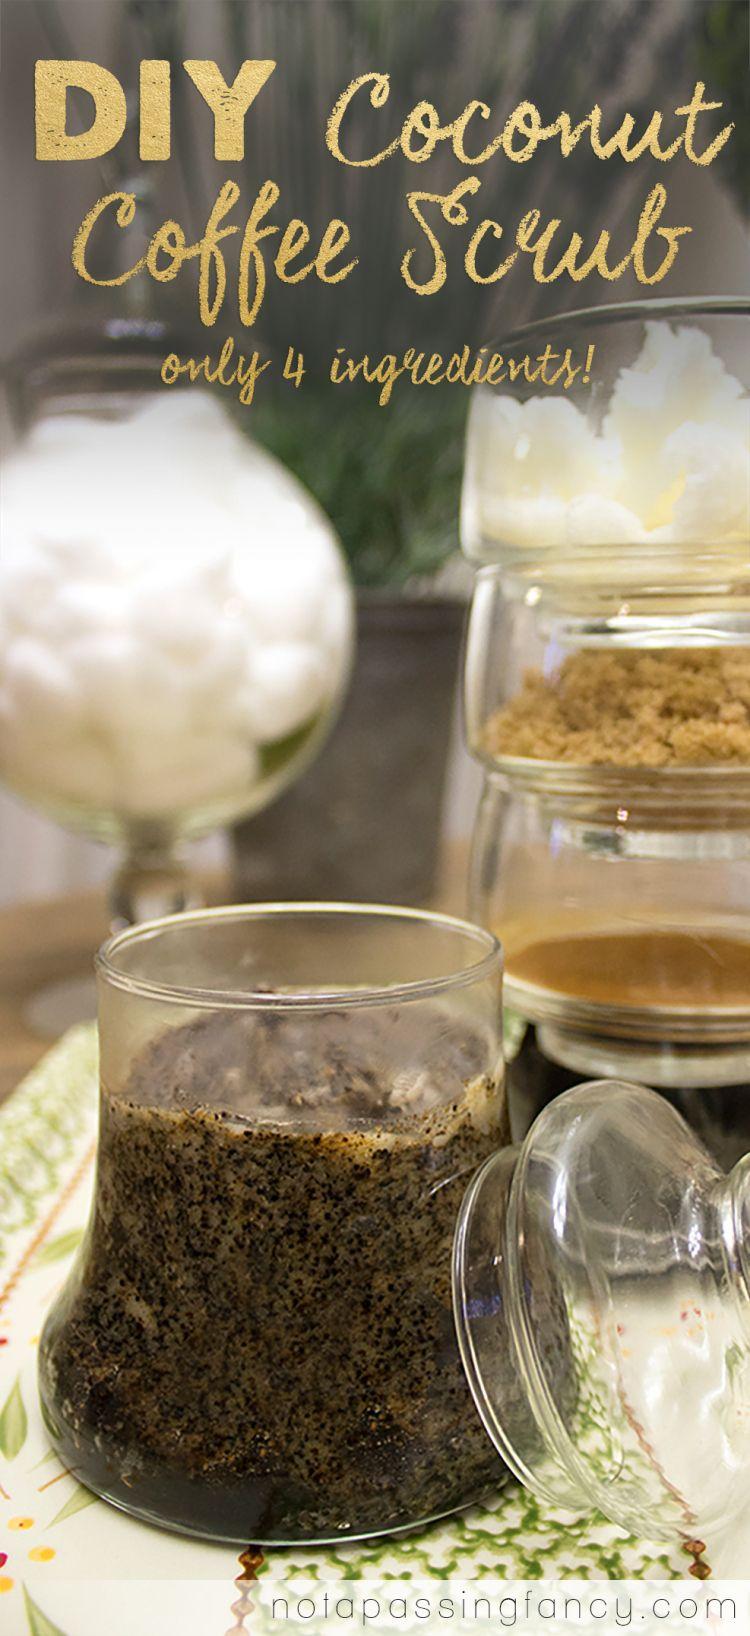 Diy coconut coffee scrub sugar scrub diy homemade